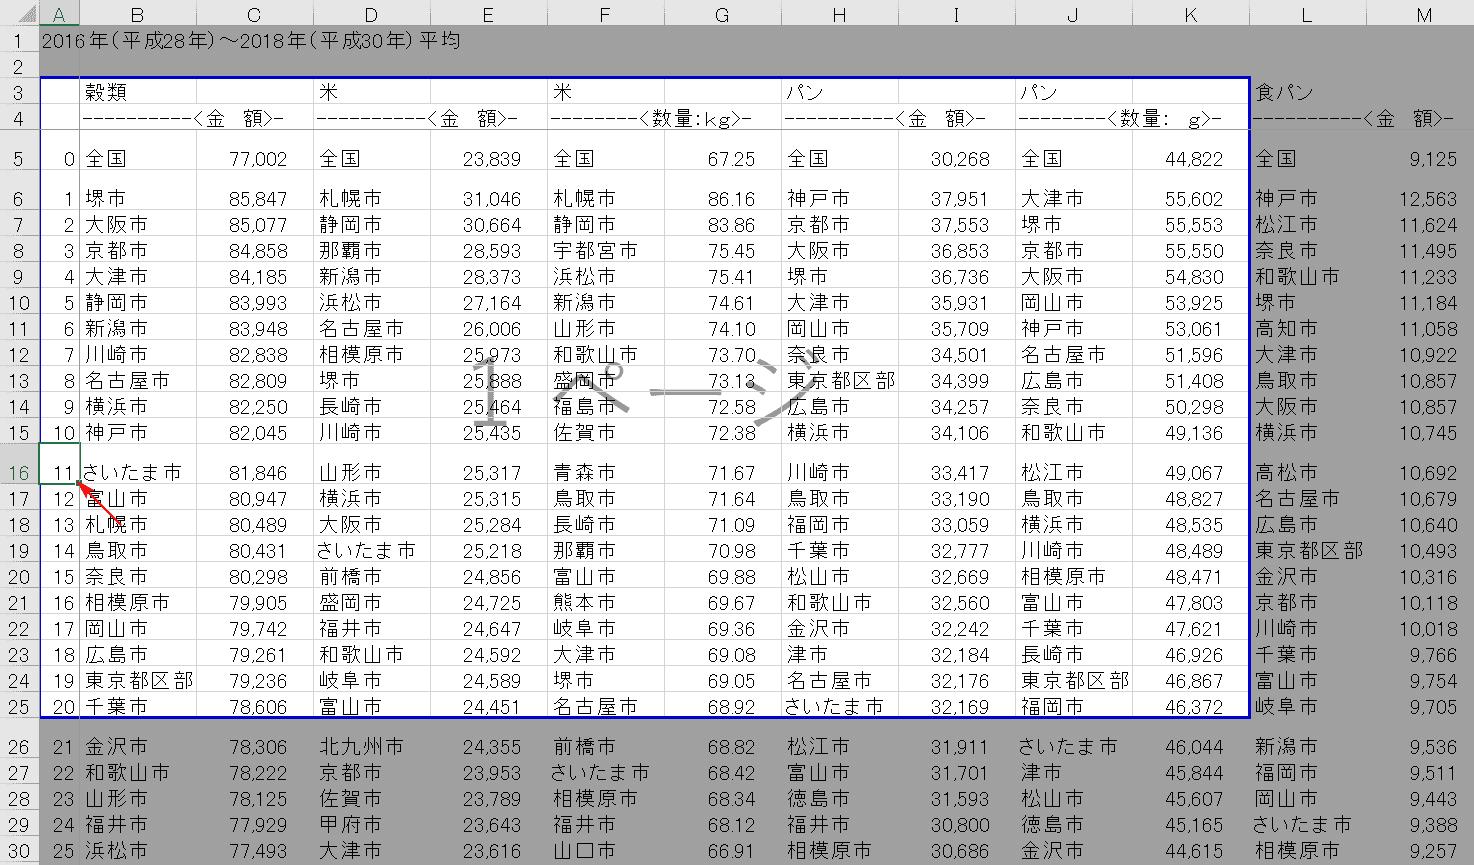 改ページの位置指定